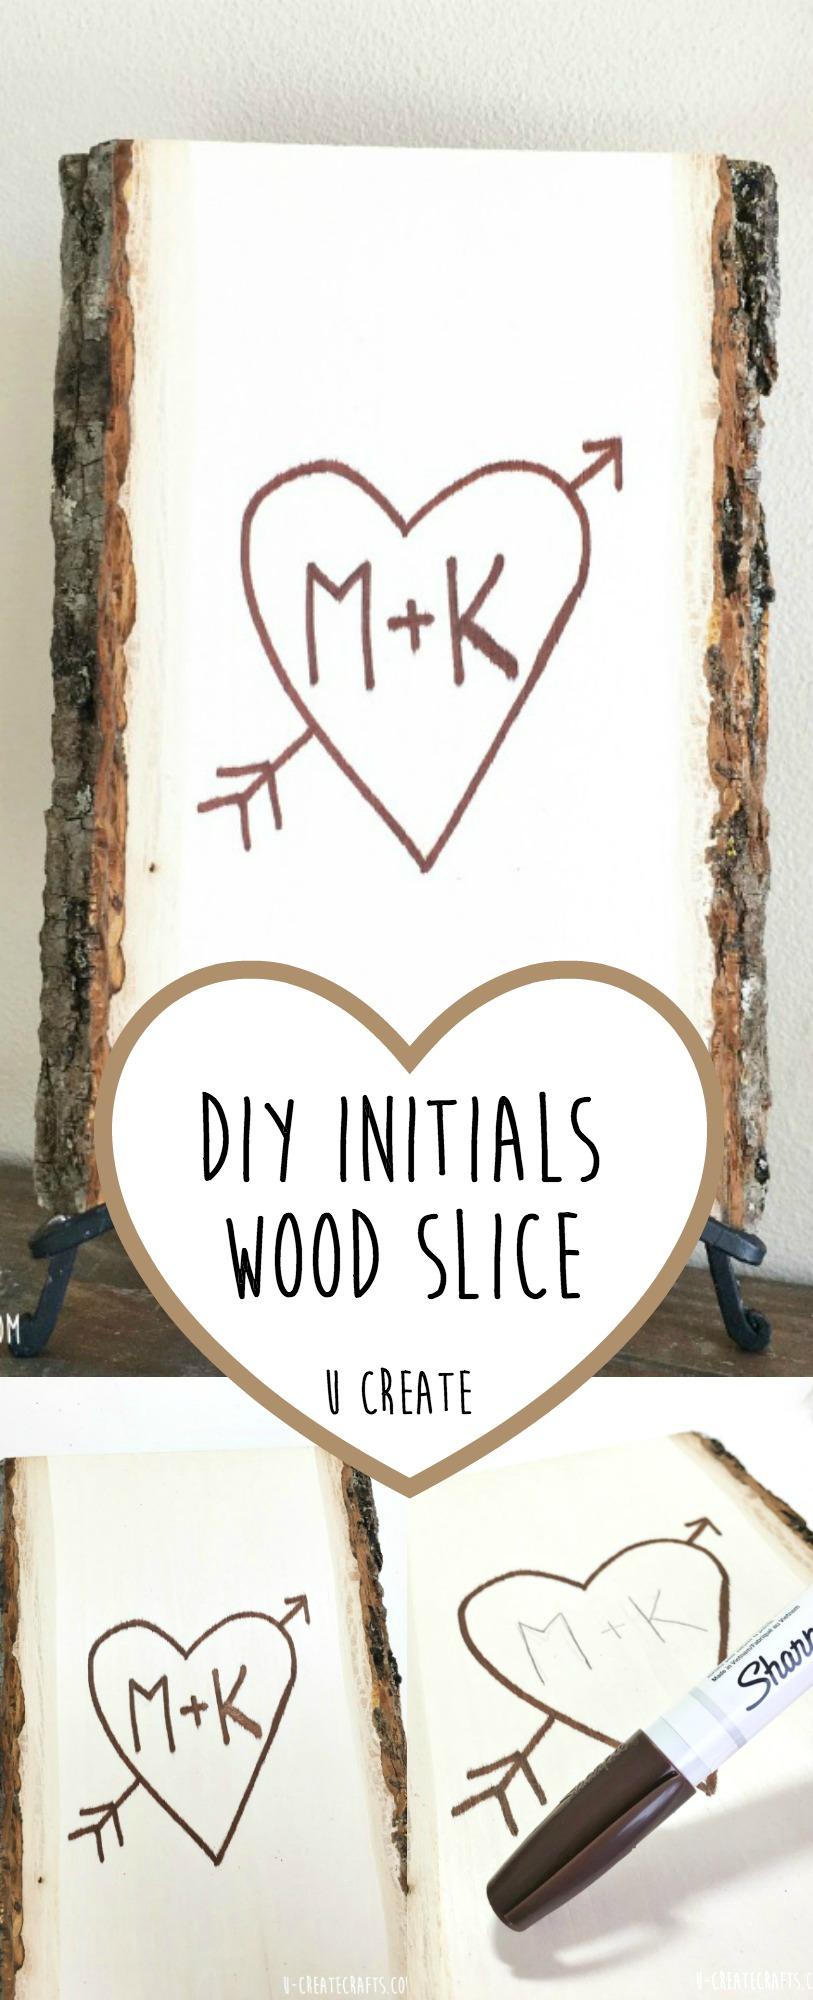 DIY Initial Wood Slice - faux wood burning tutorial by U Create